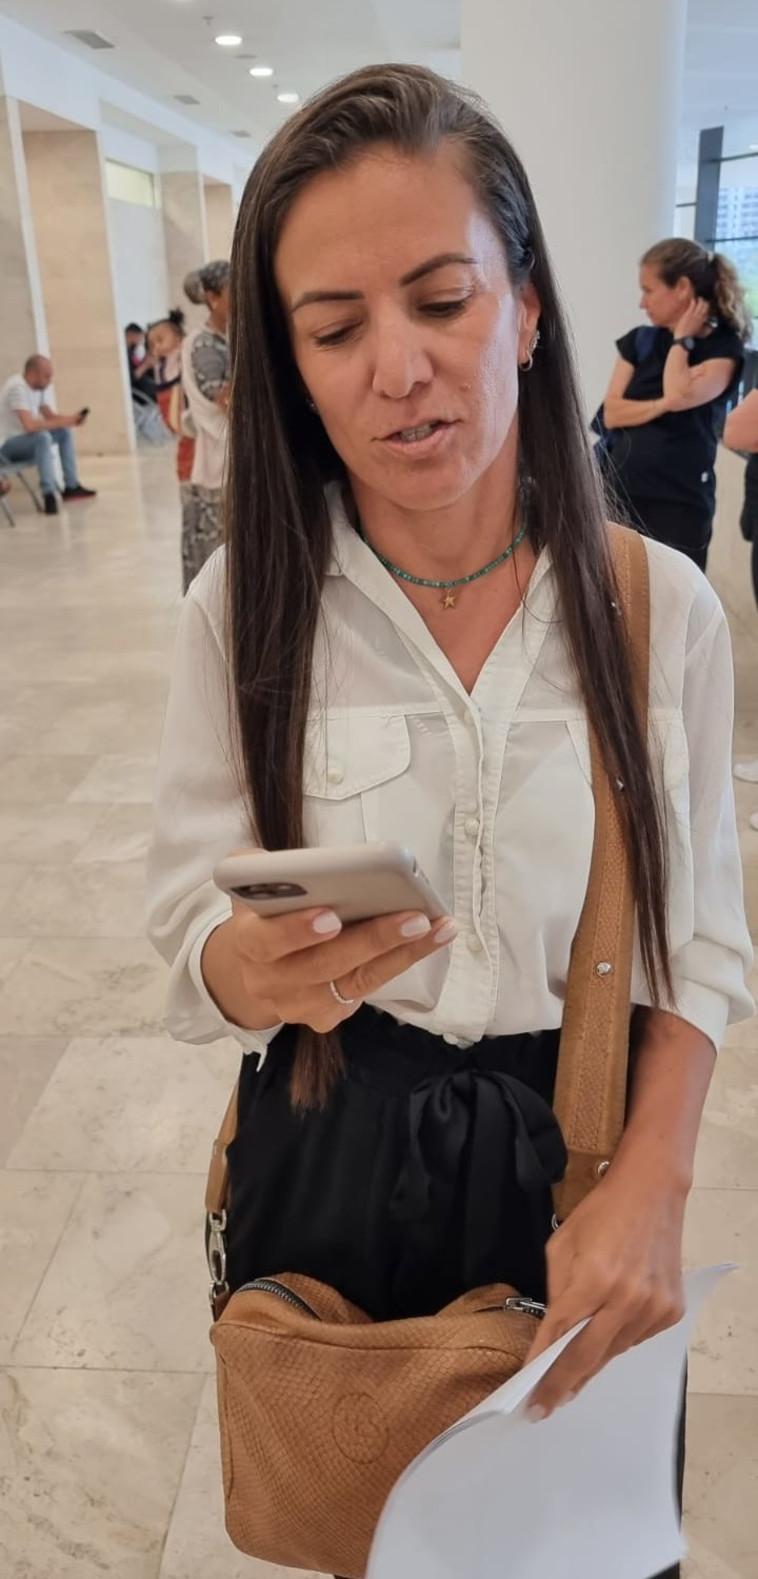 עו''ד רויטל קוצר מהסניגוריה הציבורית (צילום: אלון חכמון)